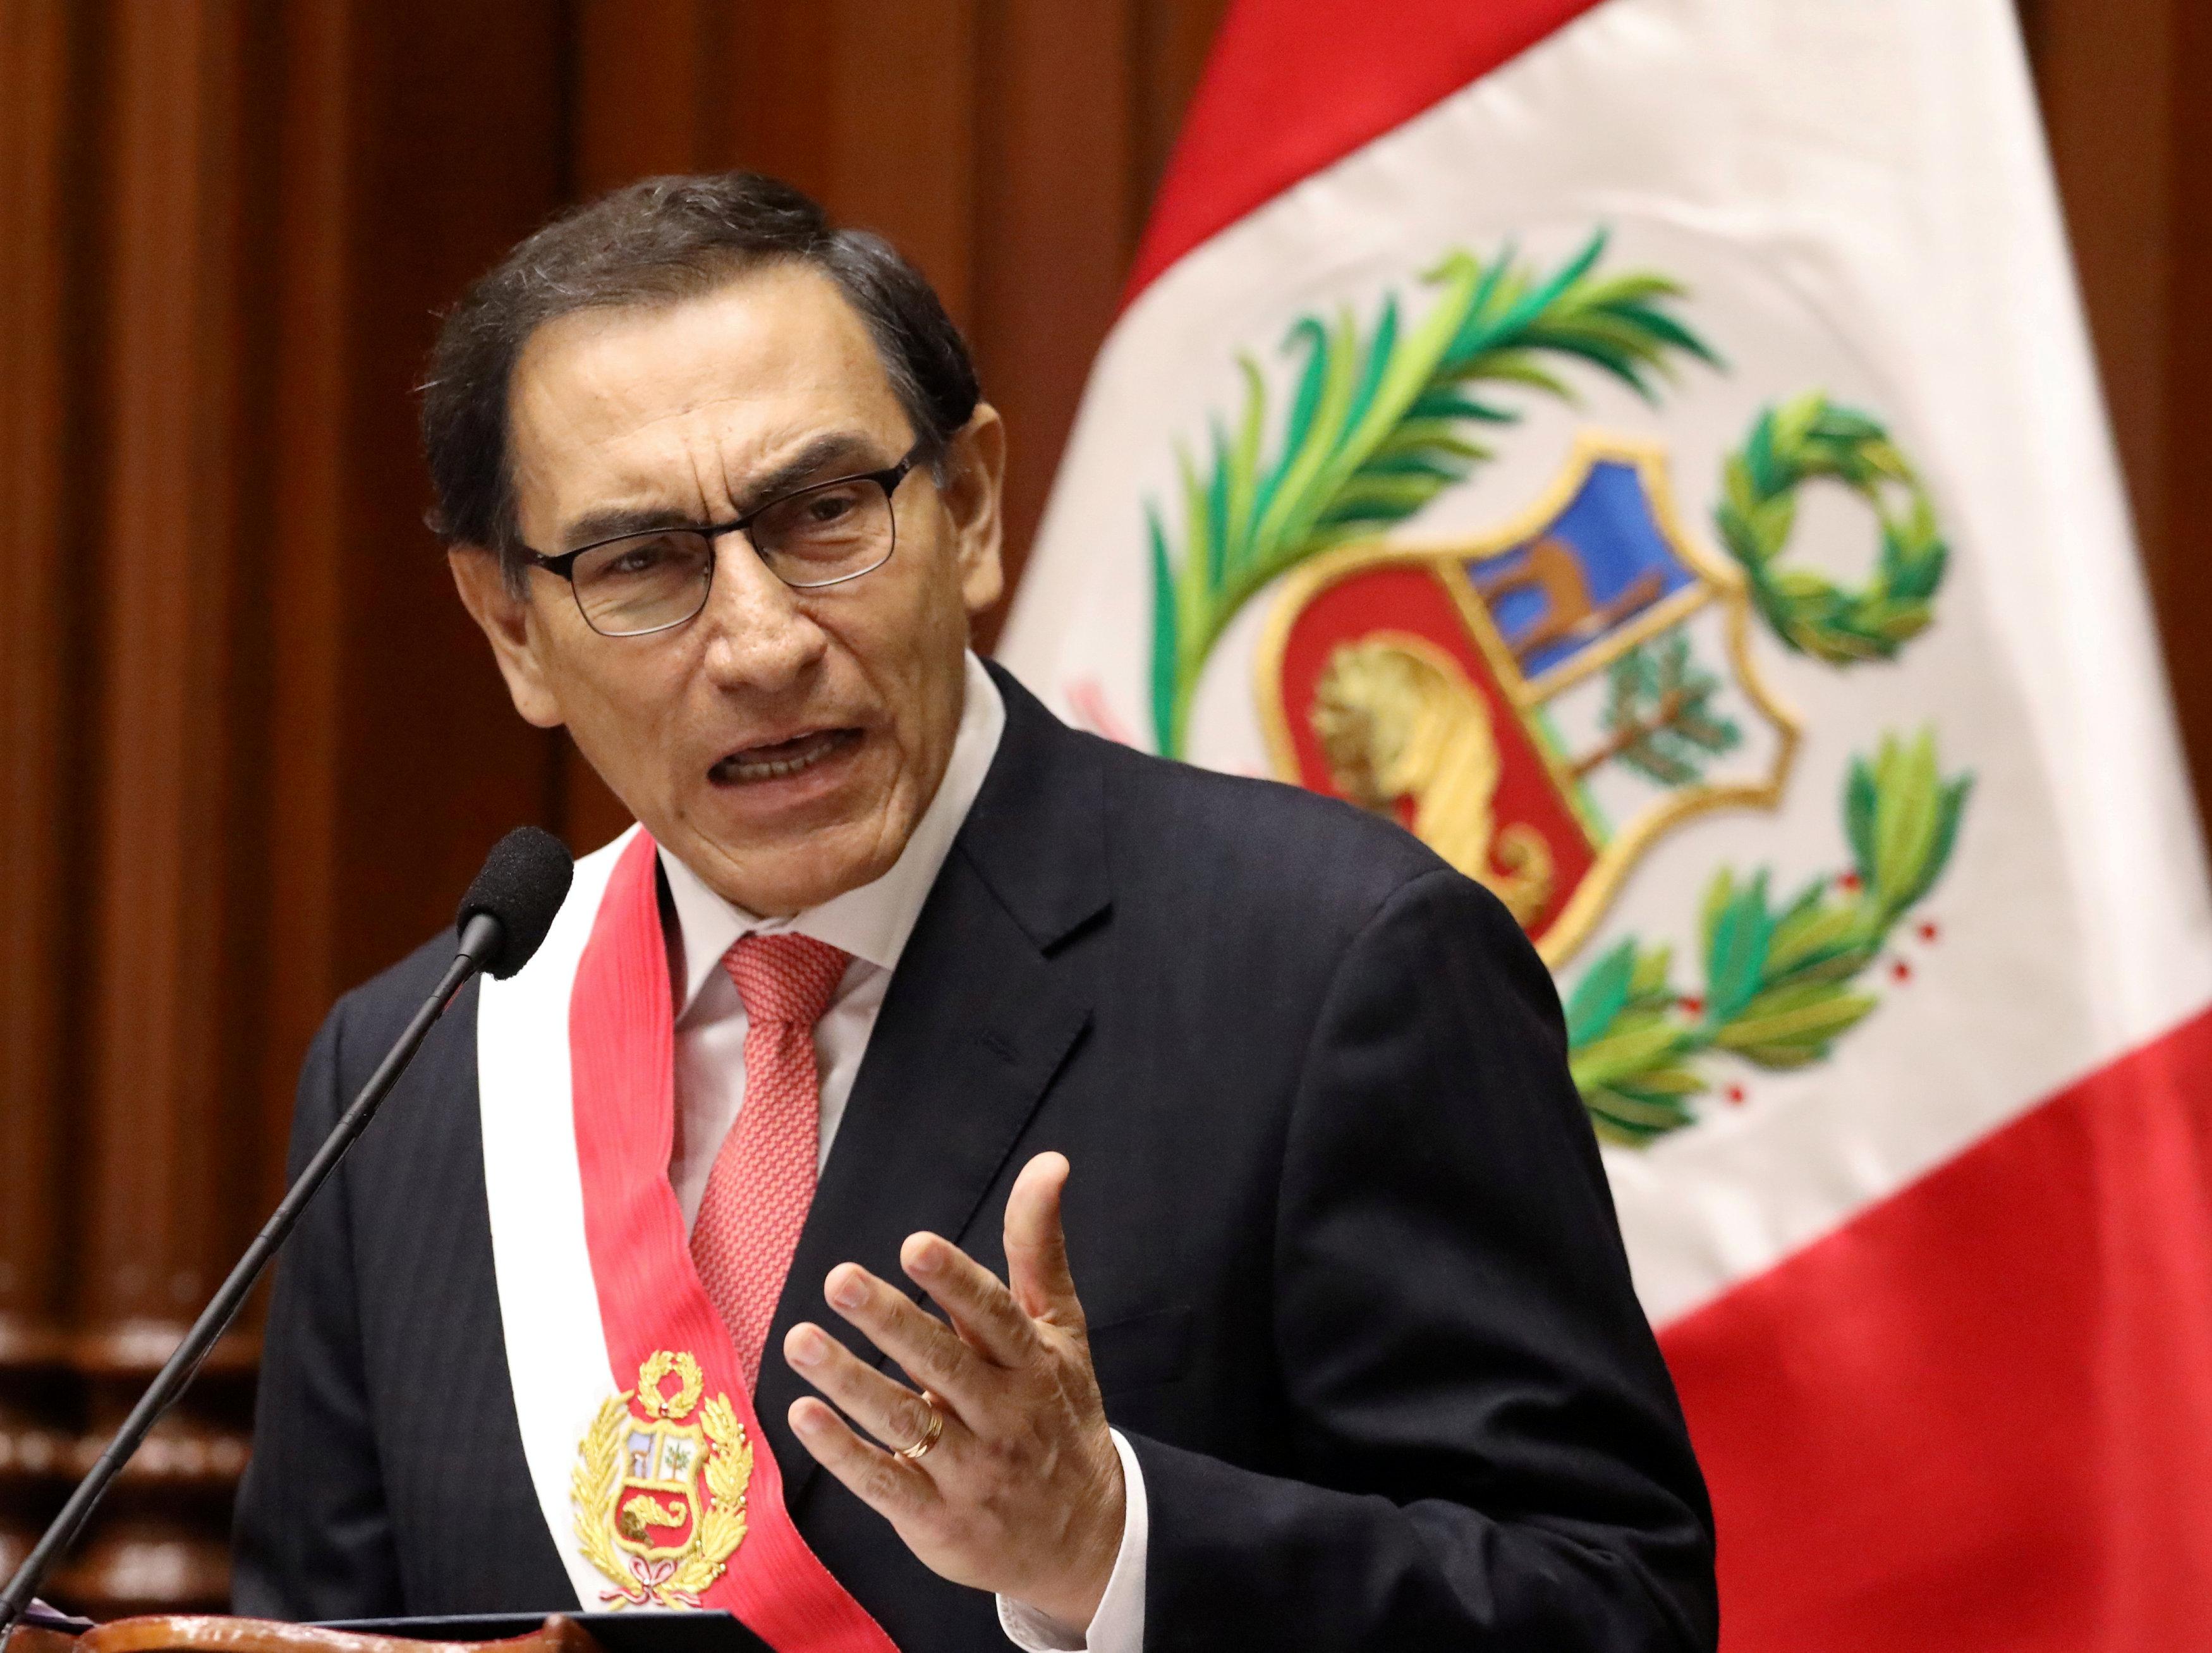 El presidente peruano Martín Vizcarra (REUTERS/Mariana Bazo/archivo)